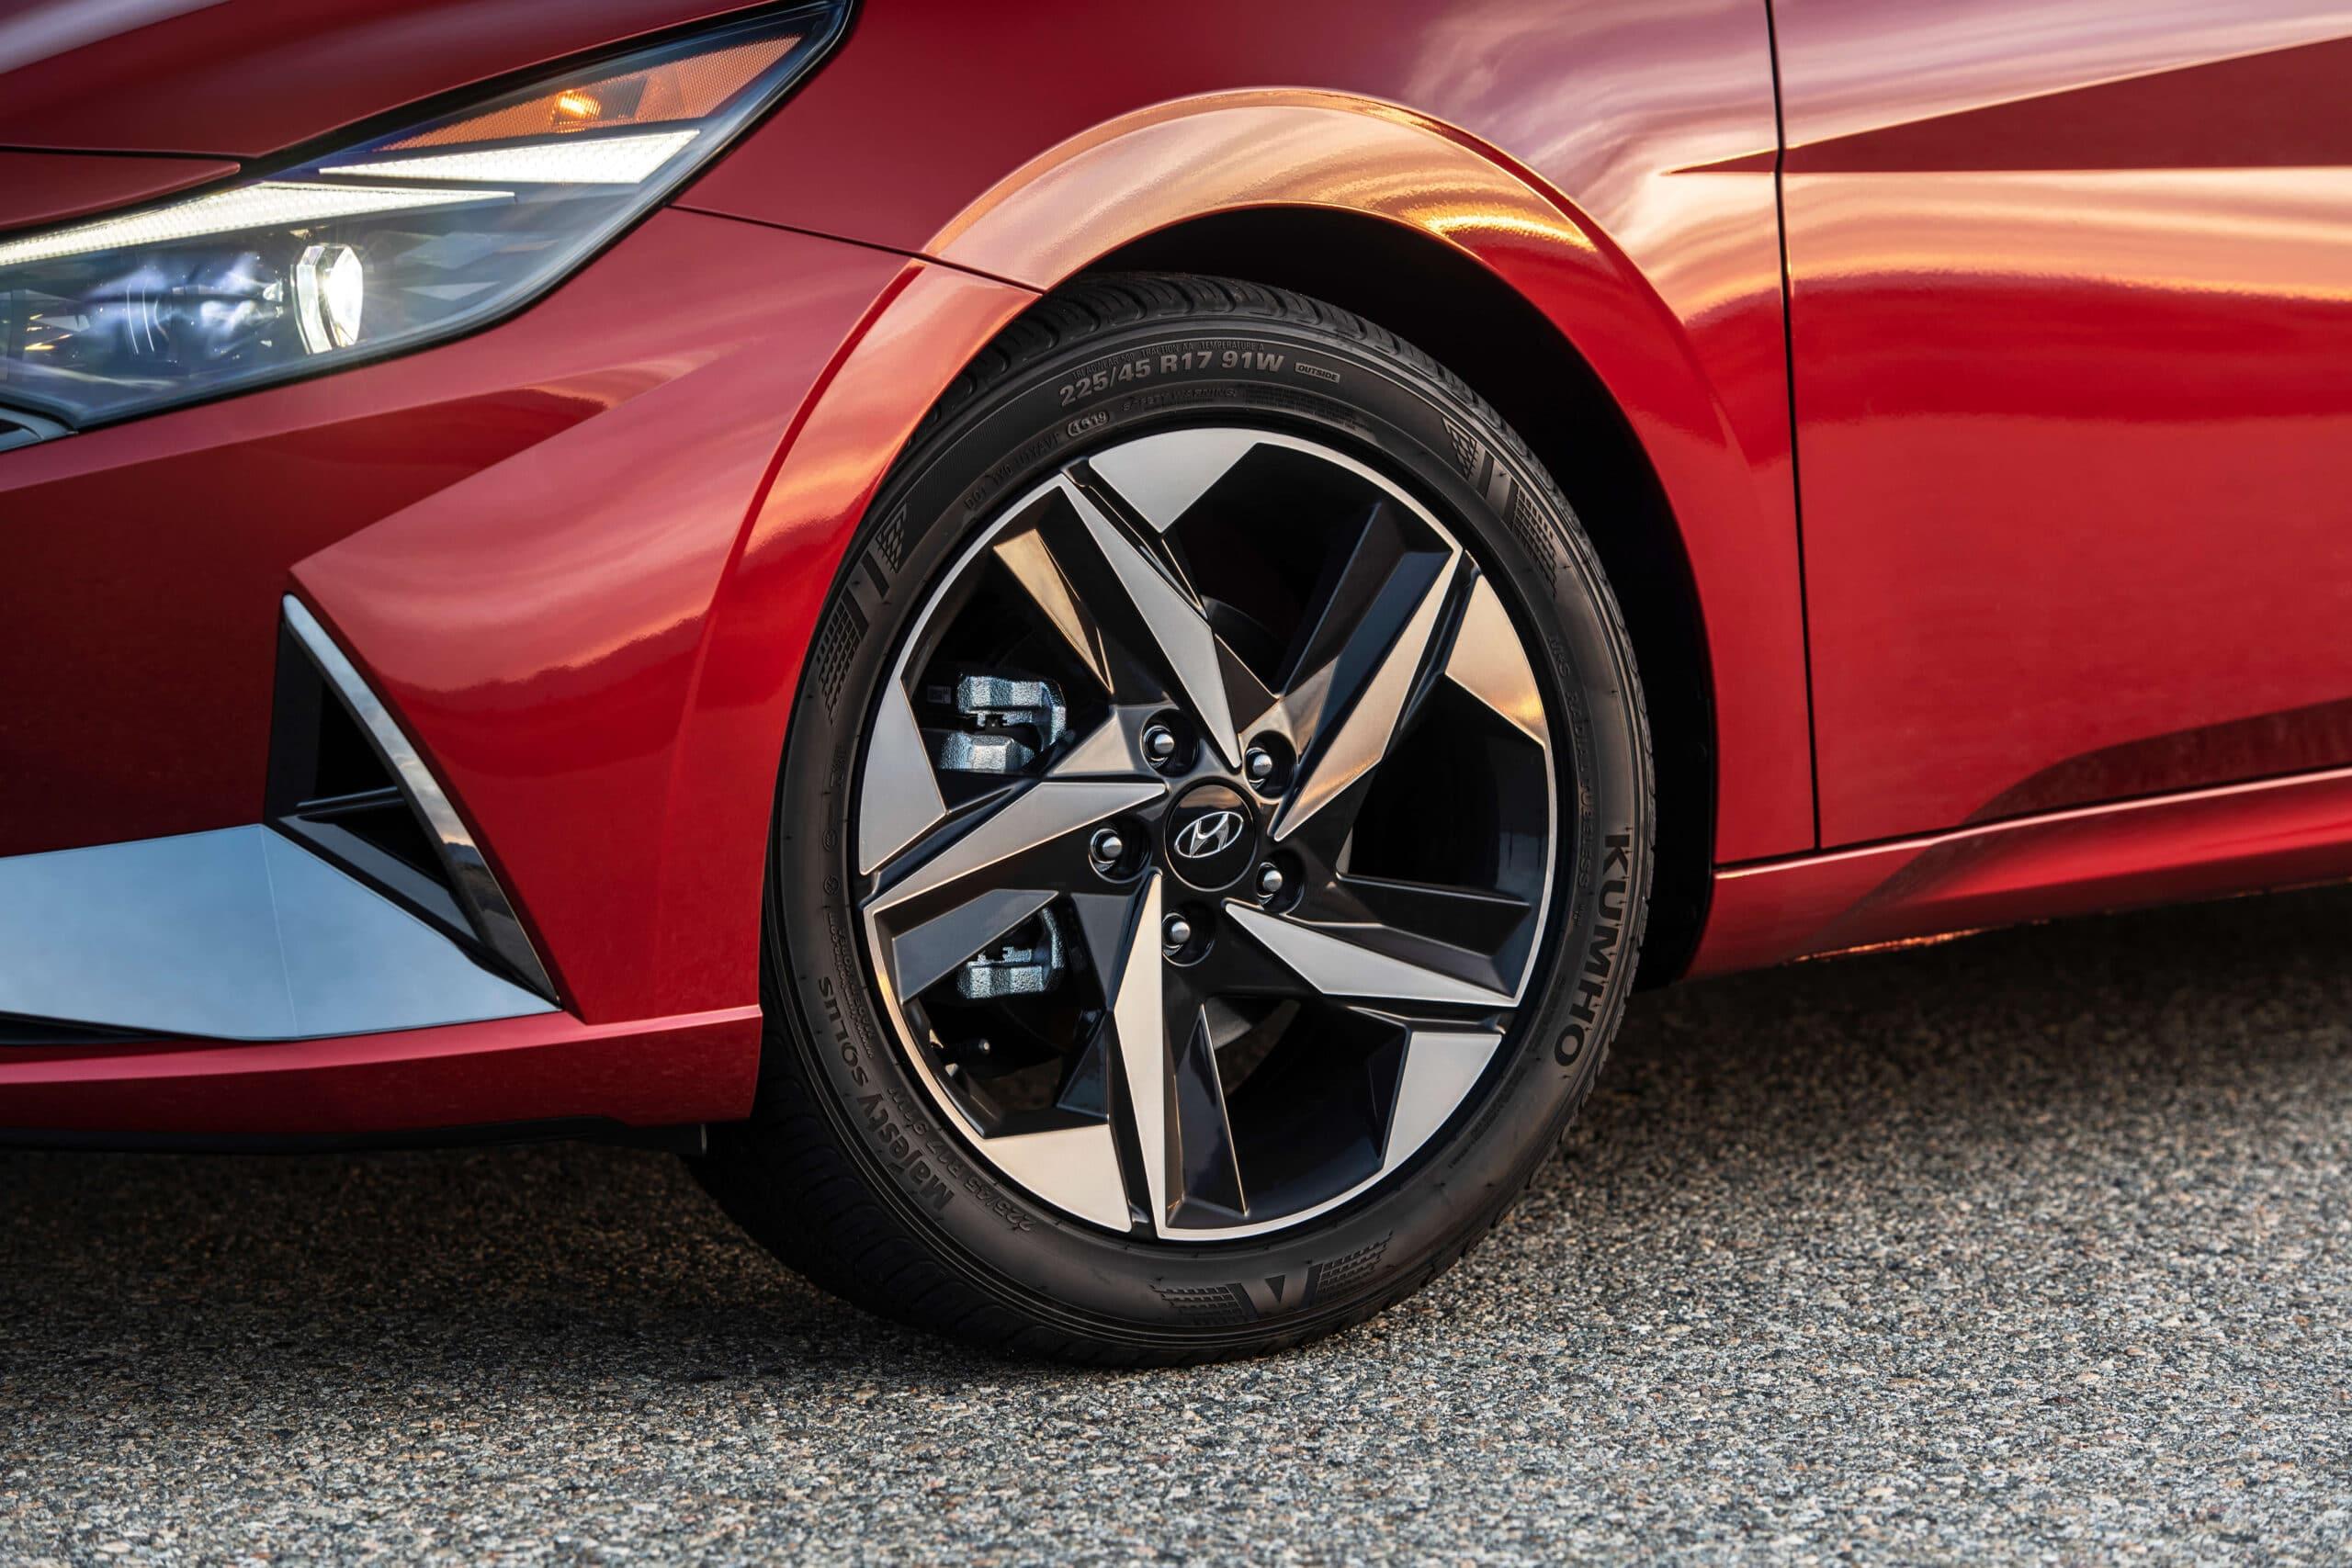 Jante de la Hyundai Elantra 2021 rouge